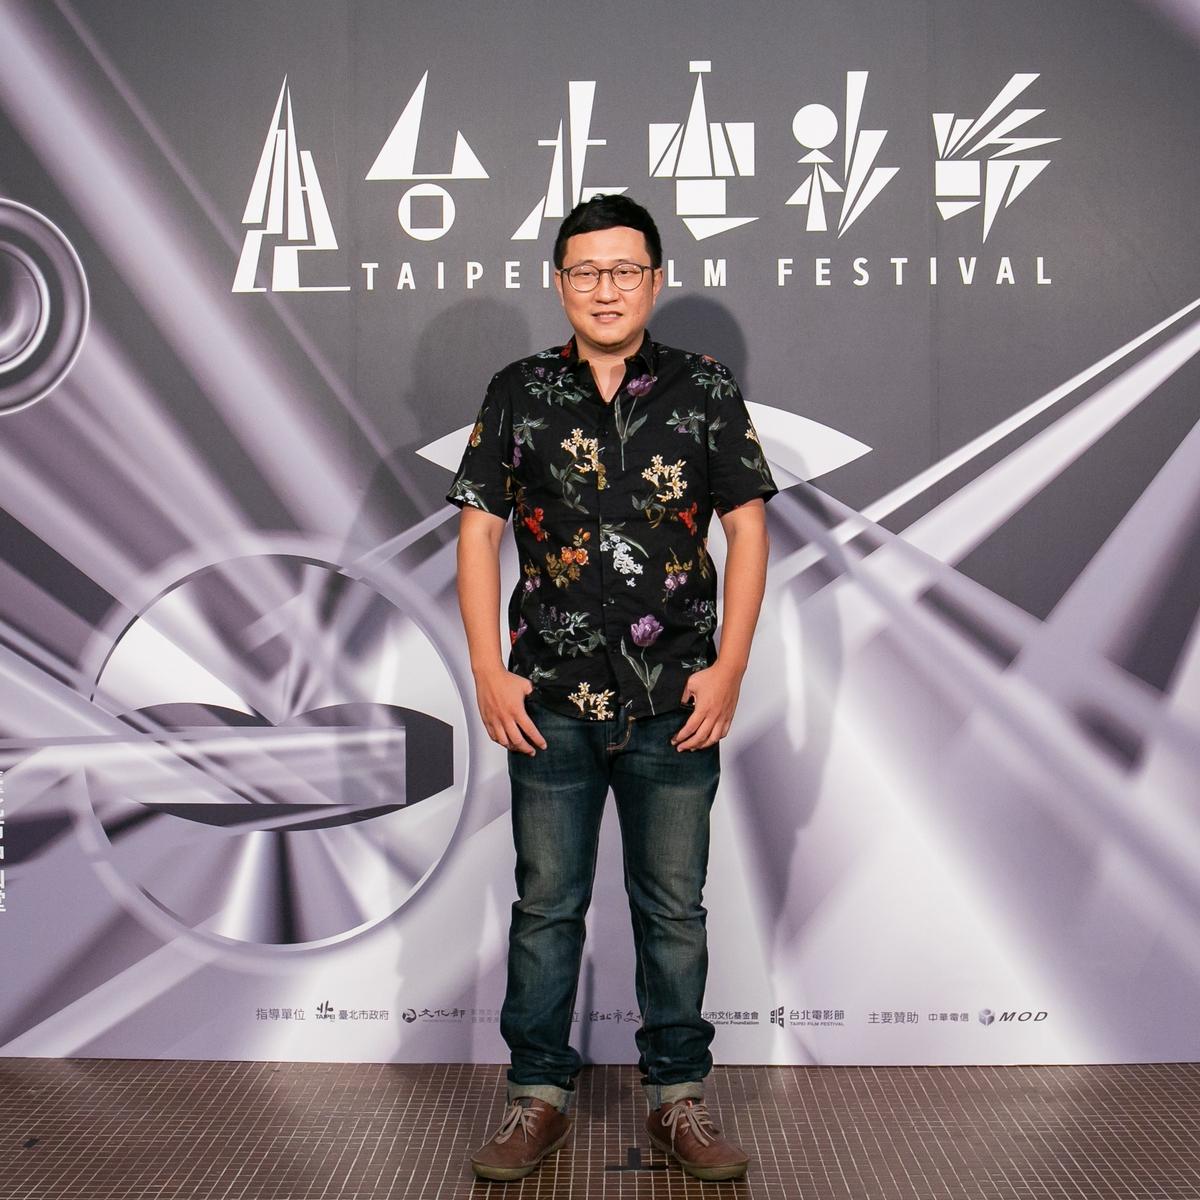 台北電影節/劉品言《惡之畫》獻最大尺度! 曾敬驊形容電影「令人坐立難安」